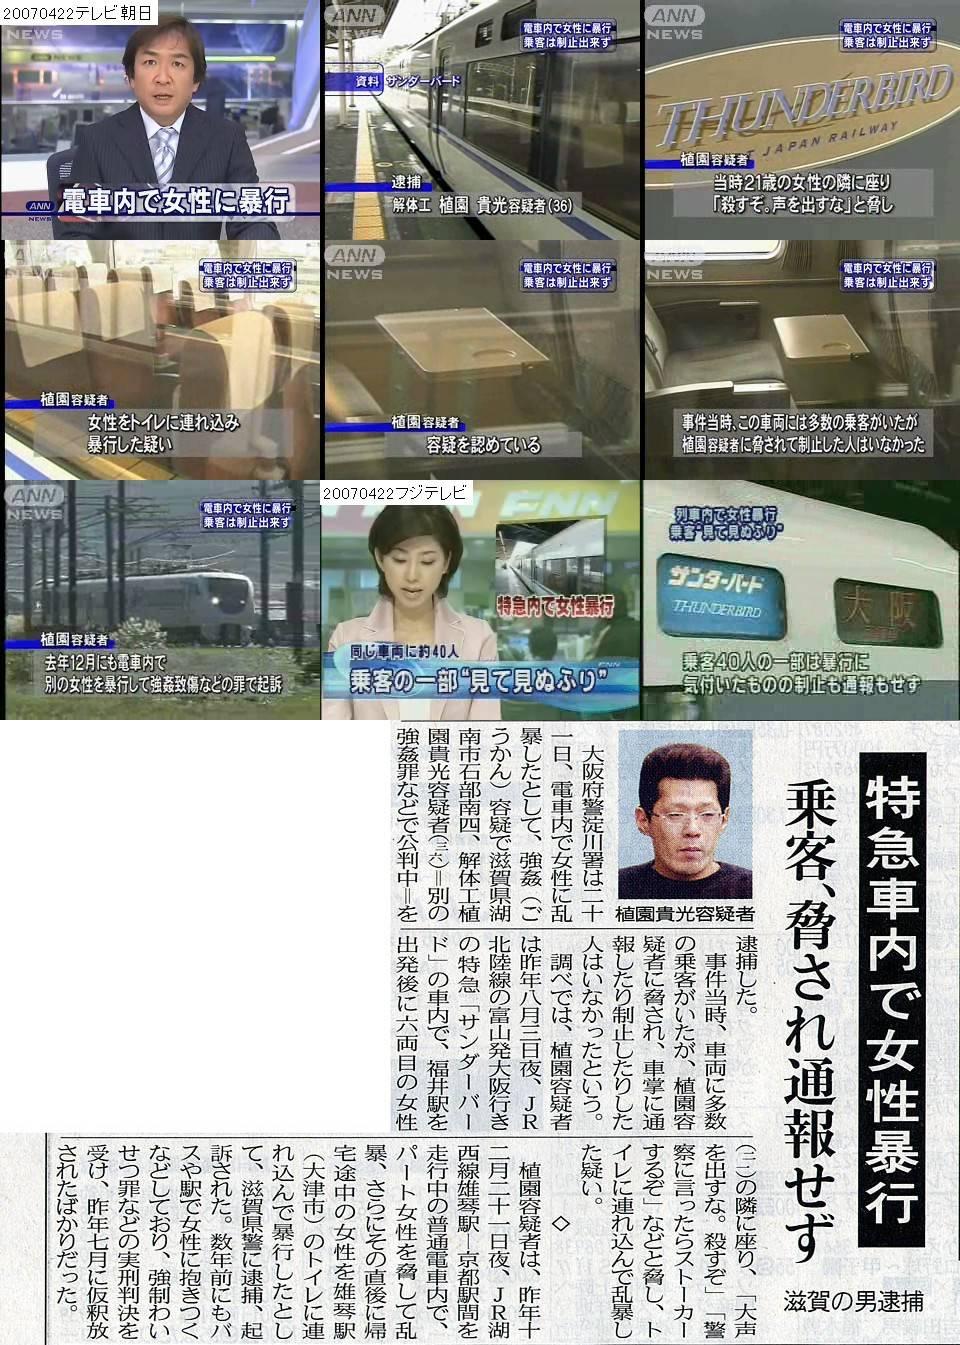 滋賀電車内駅構内連続強姦事件